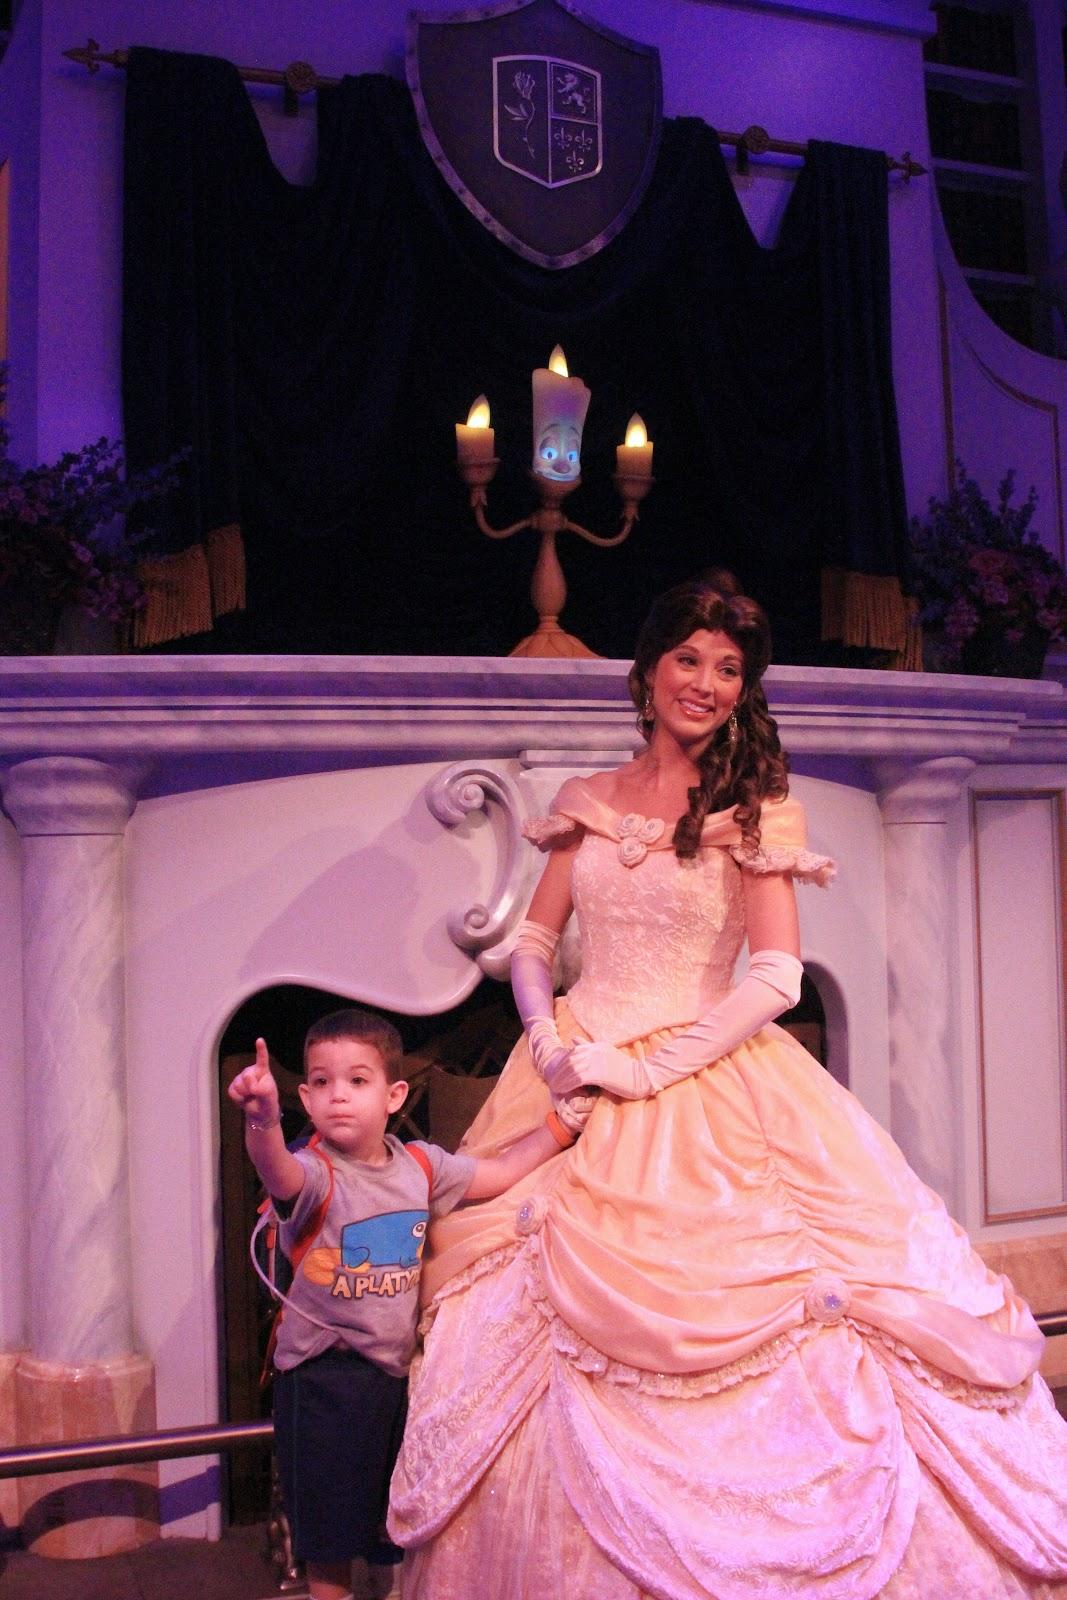 Belle Disney World 2014 Enchanted tales with belleDisney World Belle 2014